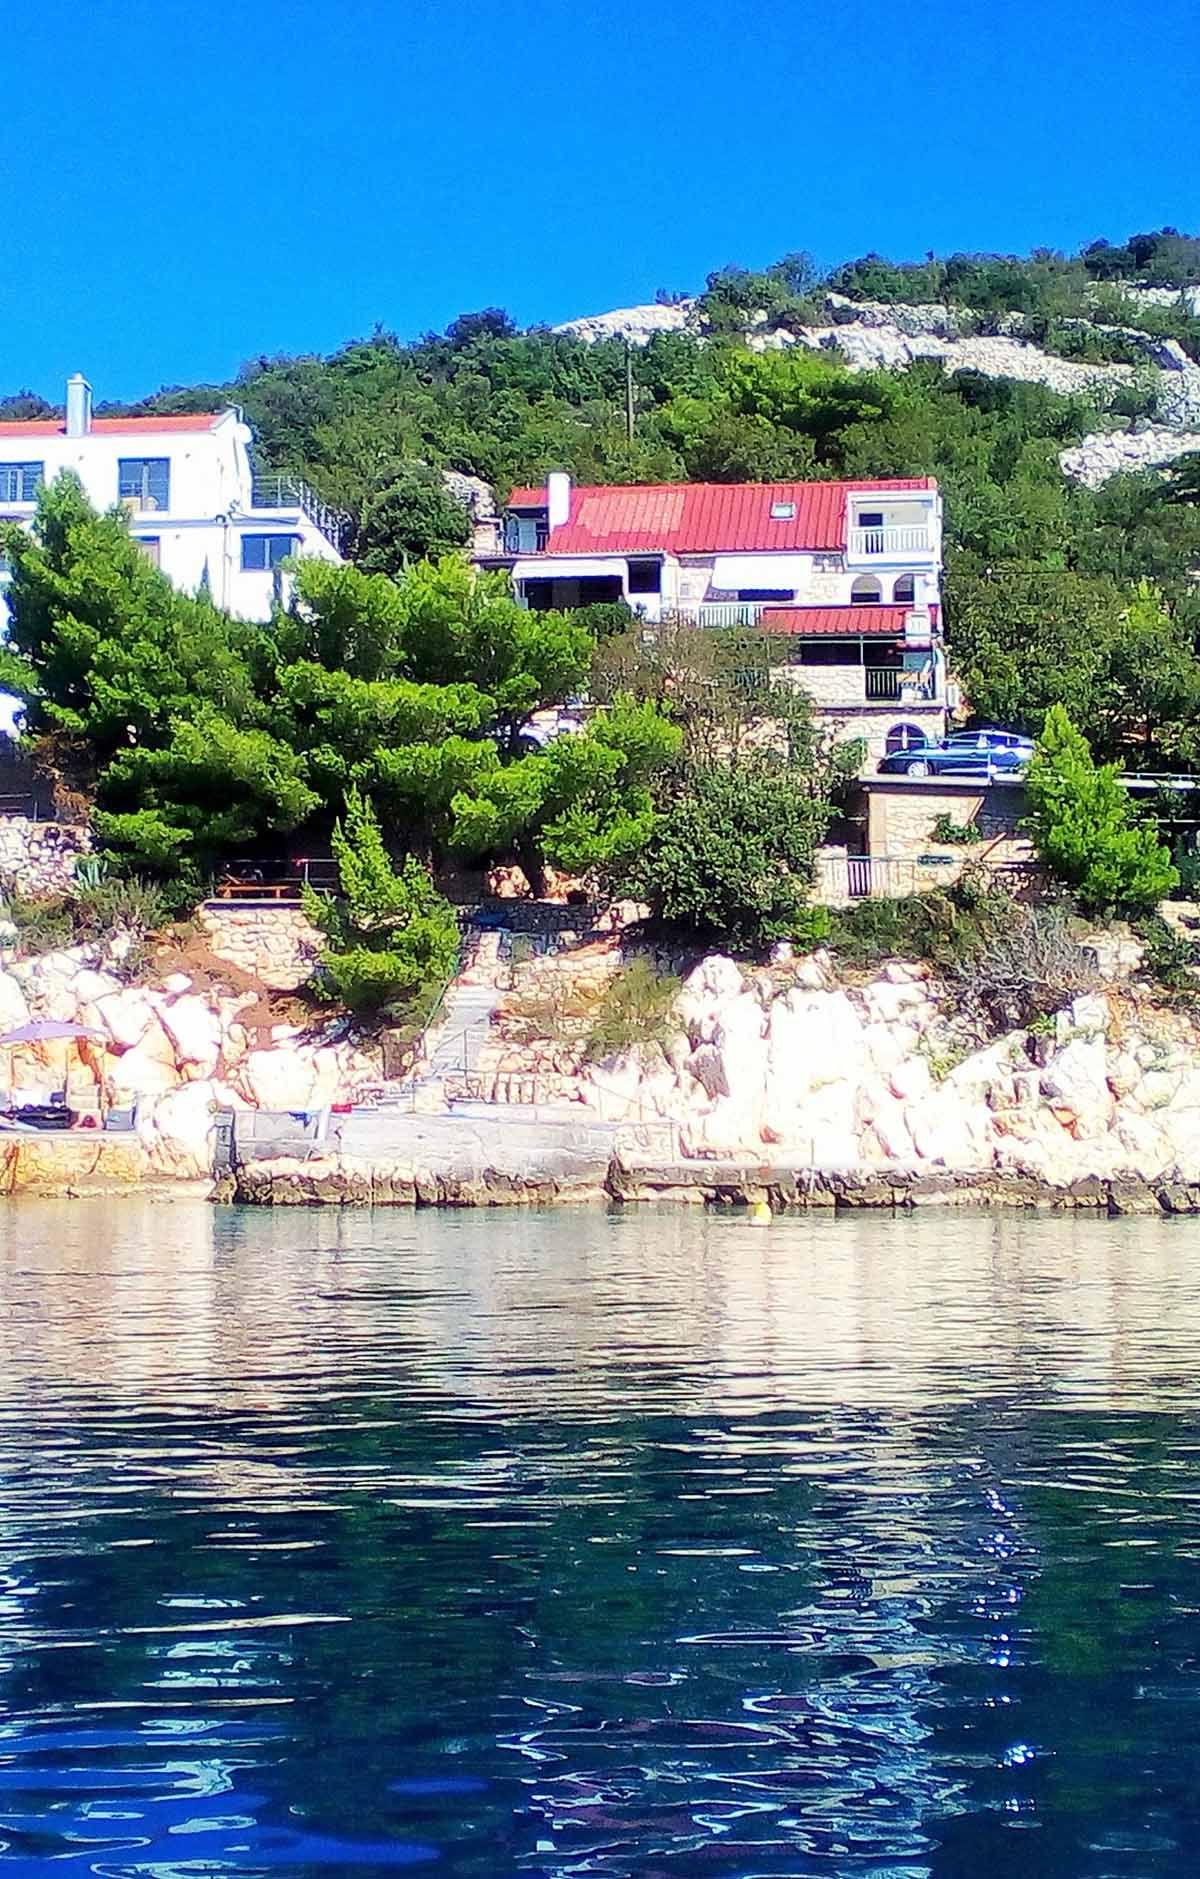 Kroatien Dreams Direkt Am Meer Urlaub Kroatien Ferienhaus Ferienhaus Kroatien Kroatien